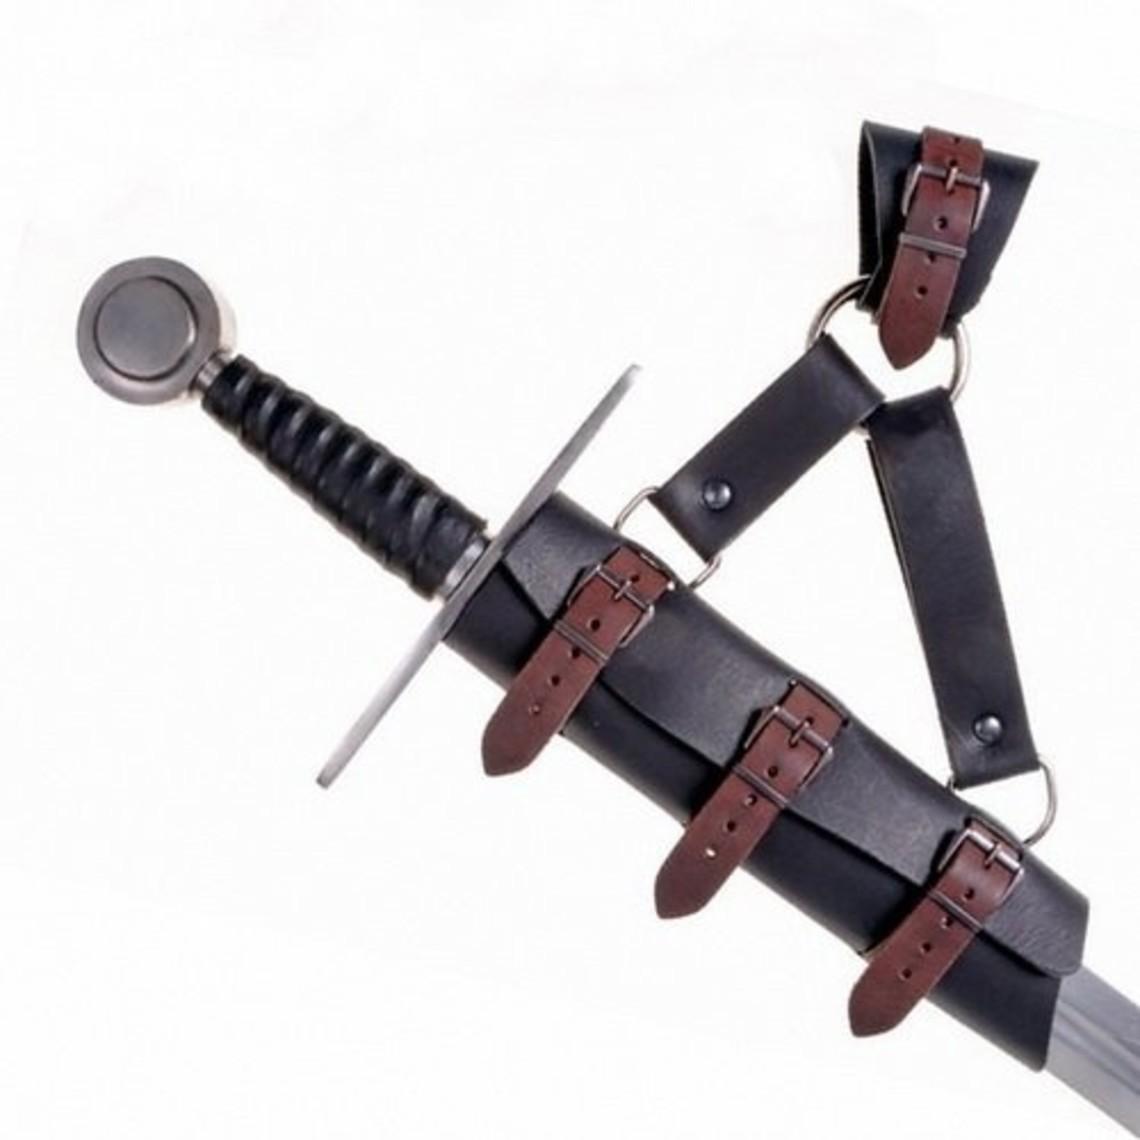 Luksuriøs sværd holder til larp sværd, sort-brun